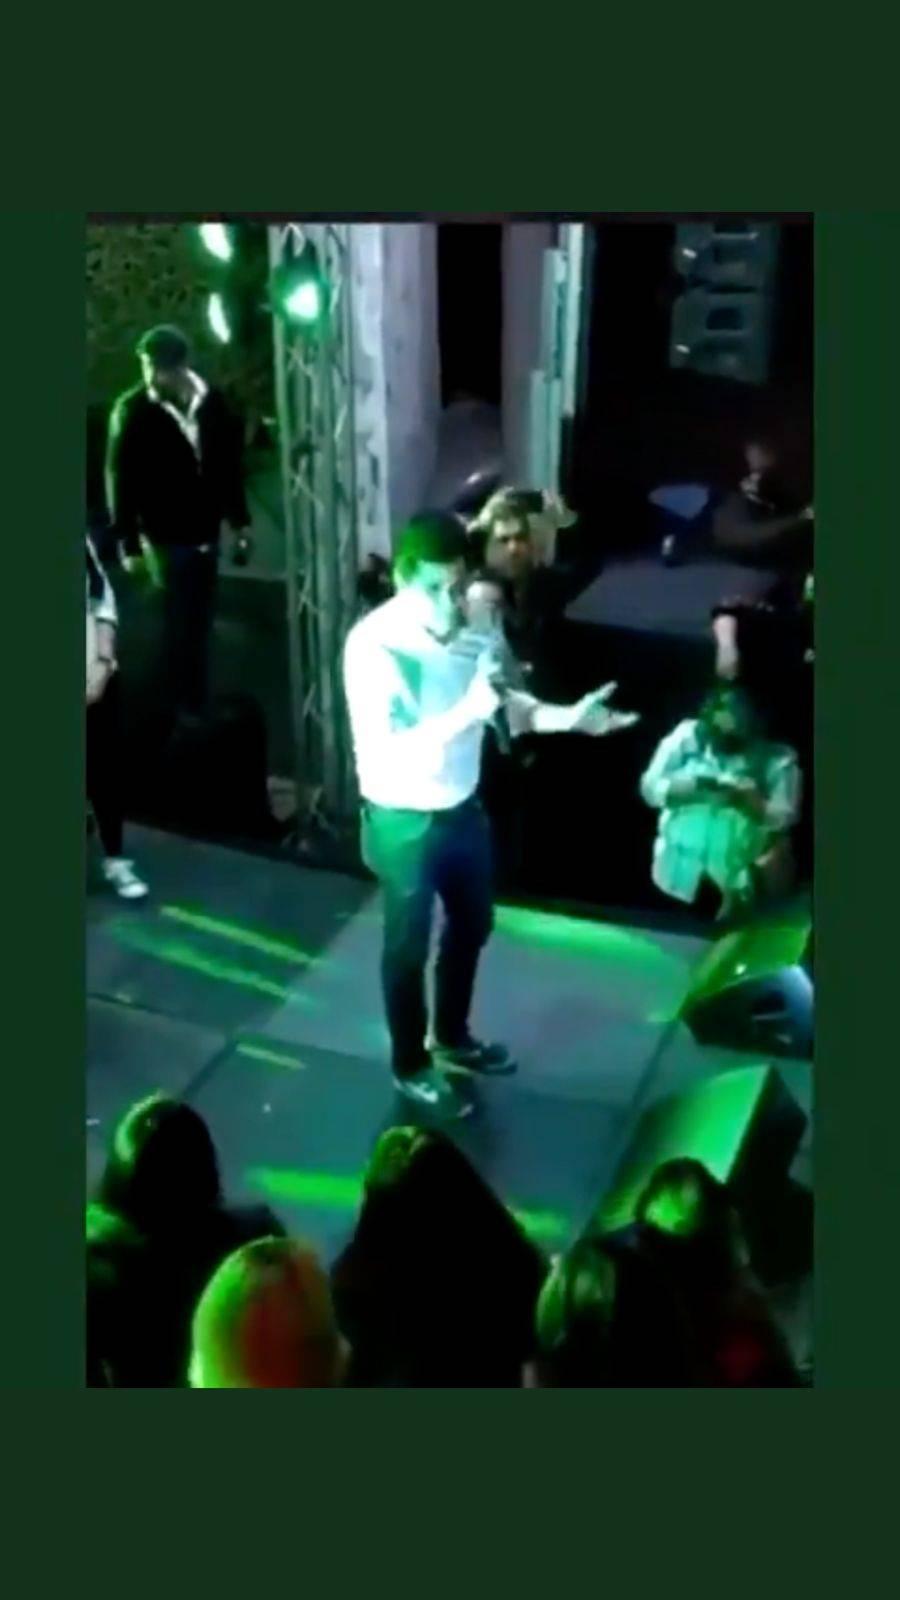 Concierto gratis de Metallica, promete candidato del Partido Verde en Reynosa